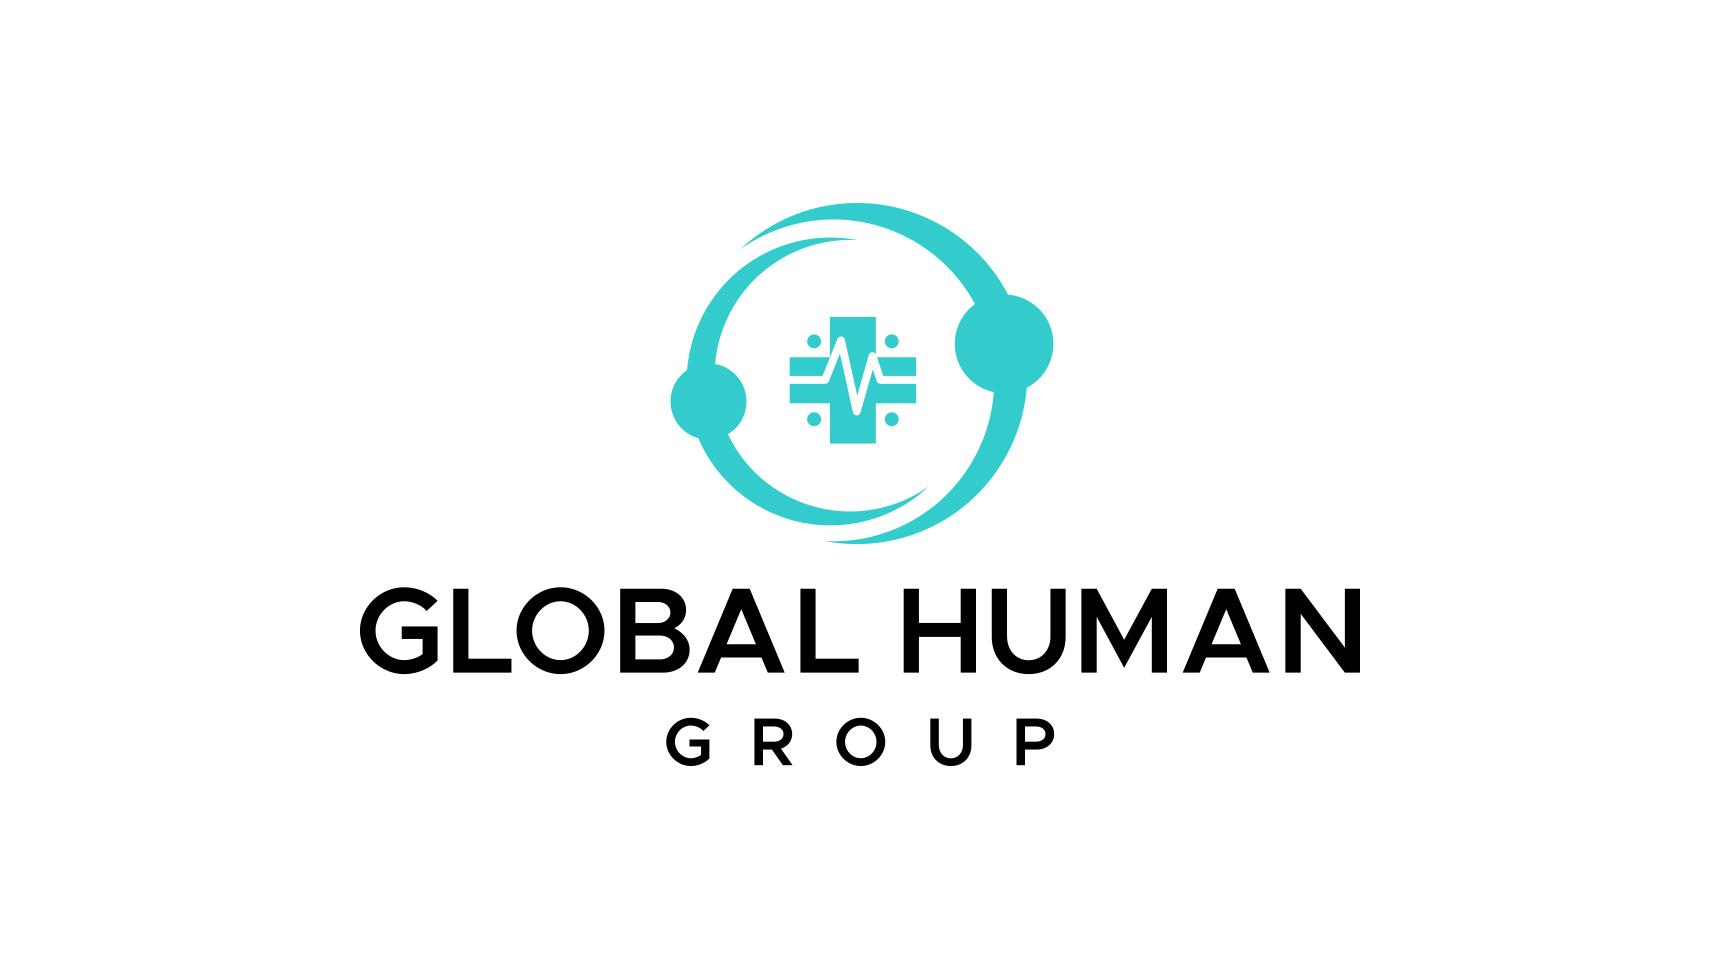 Global Human Group